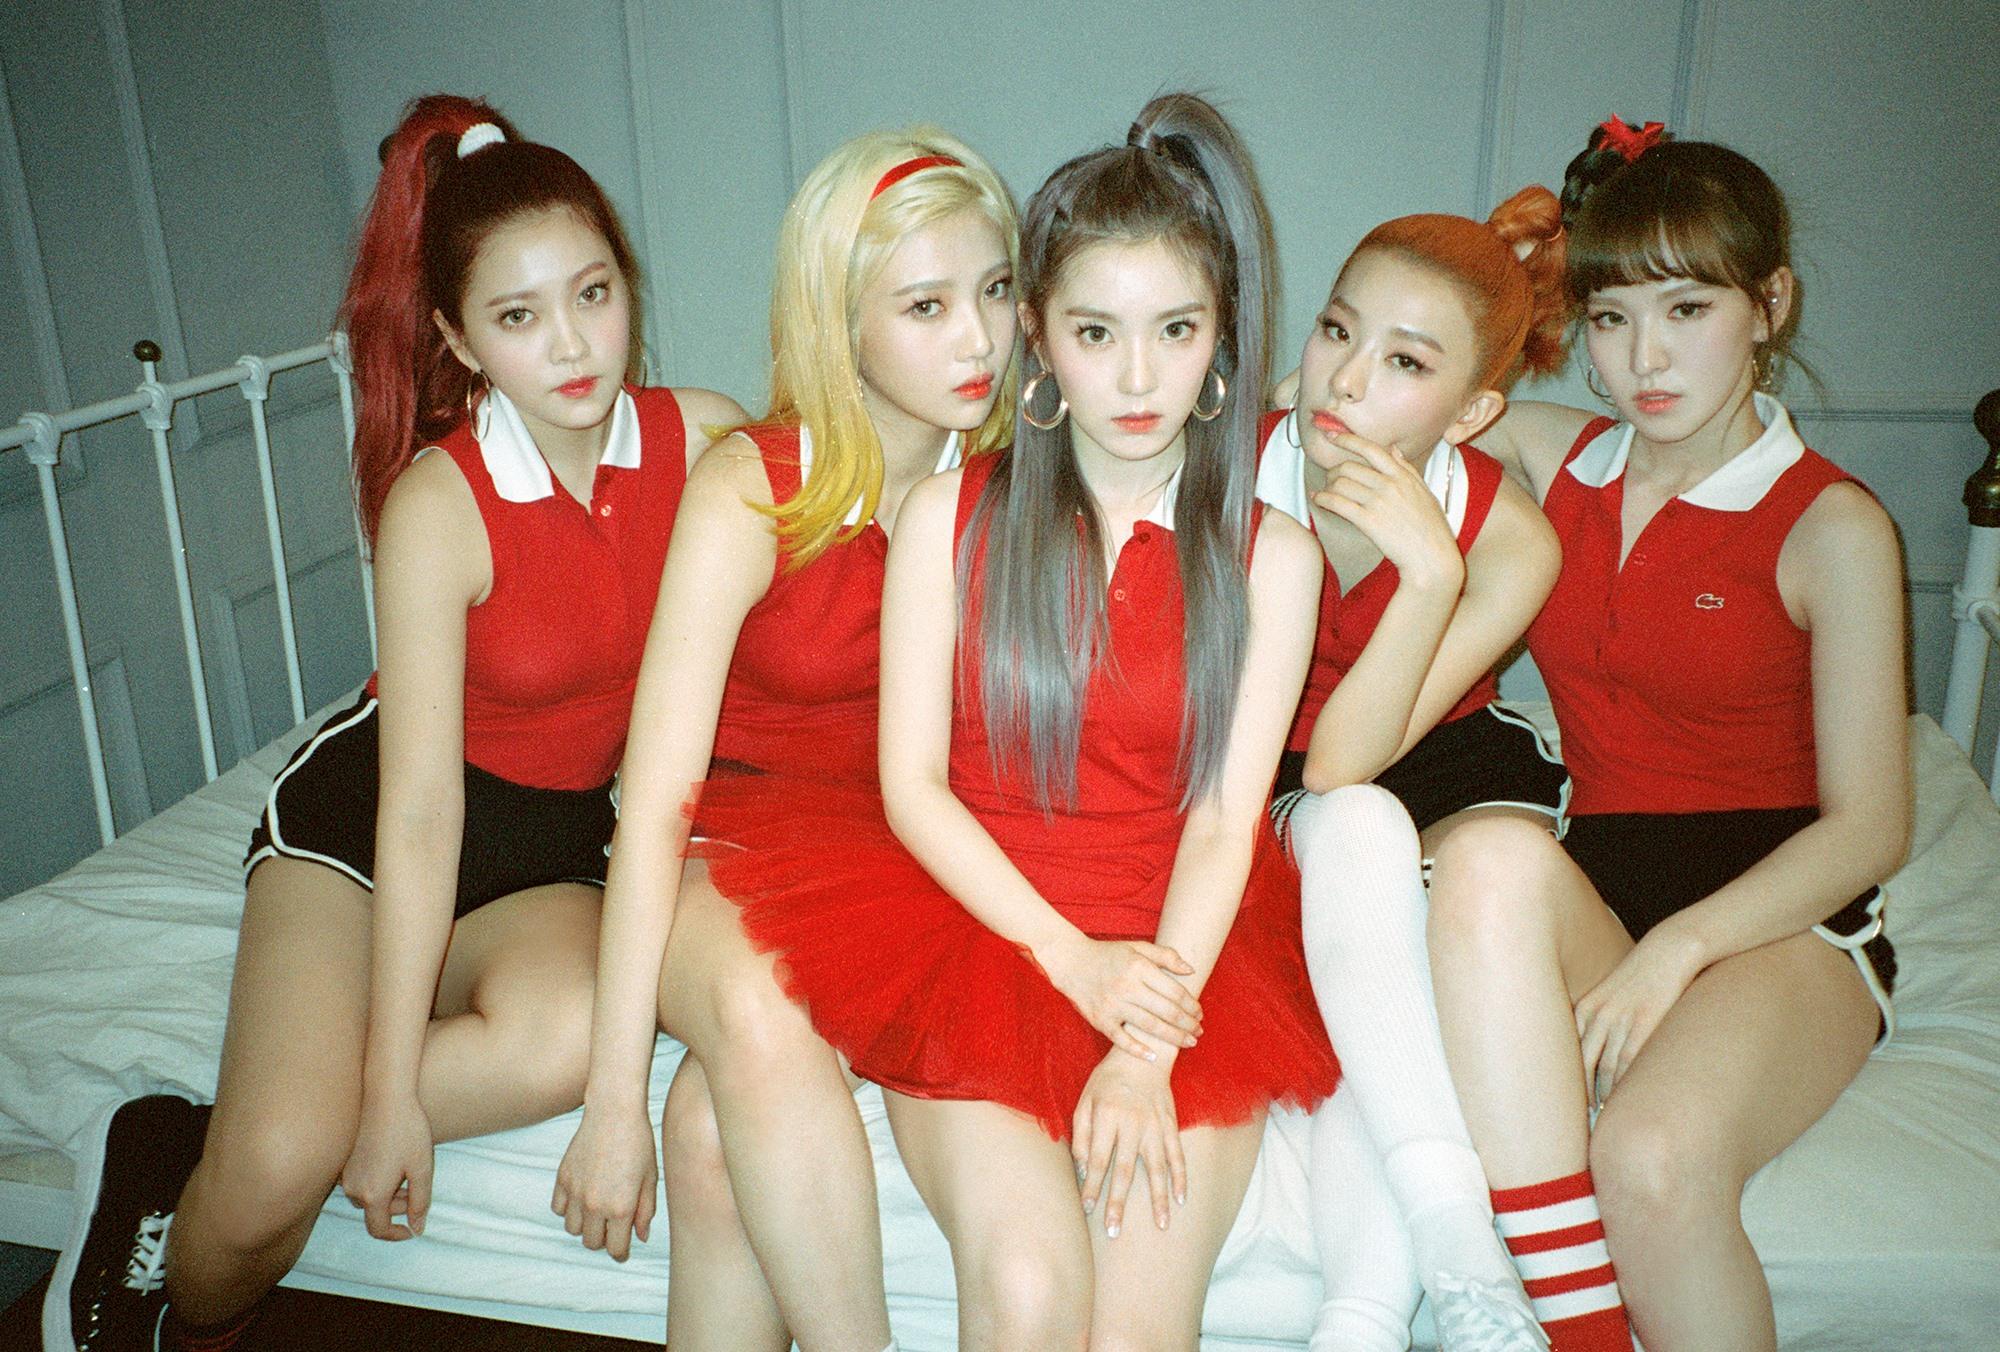 Red Velvet Wallpaper 75982 Asiachan Kpop Image Board